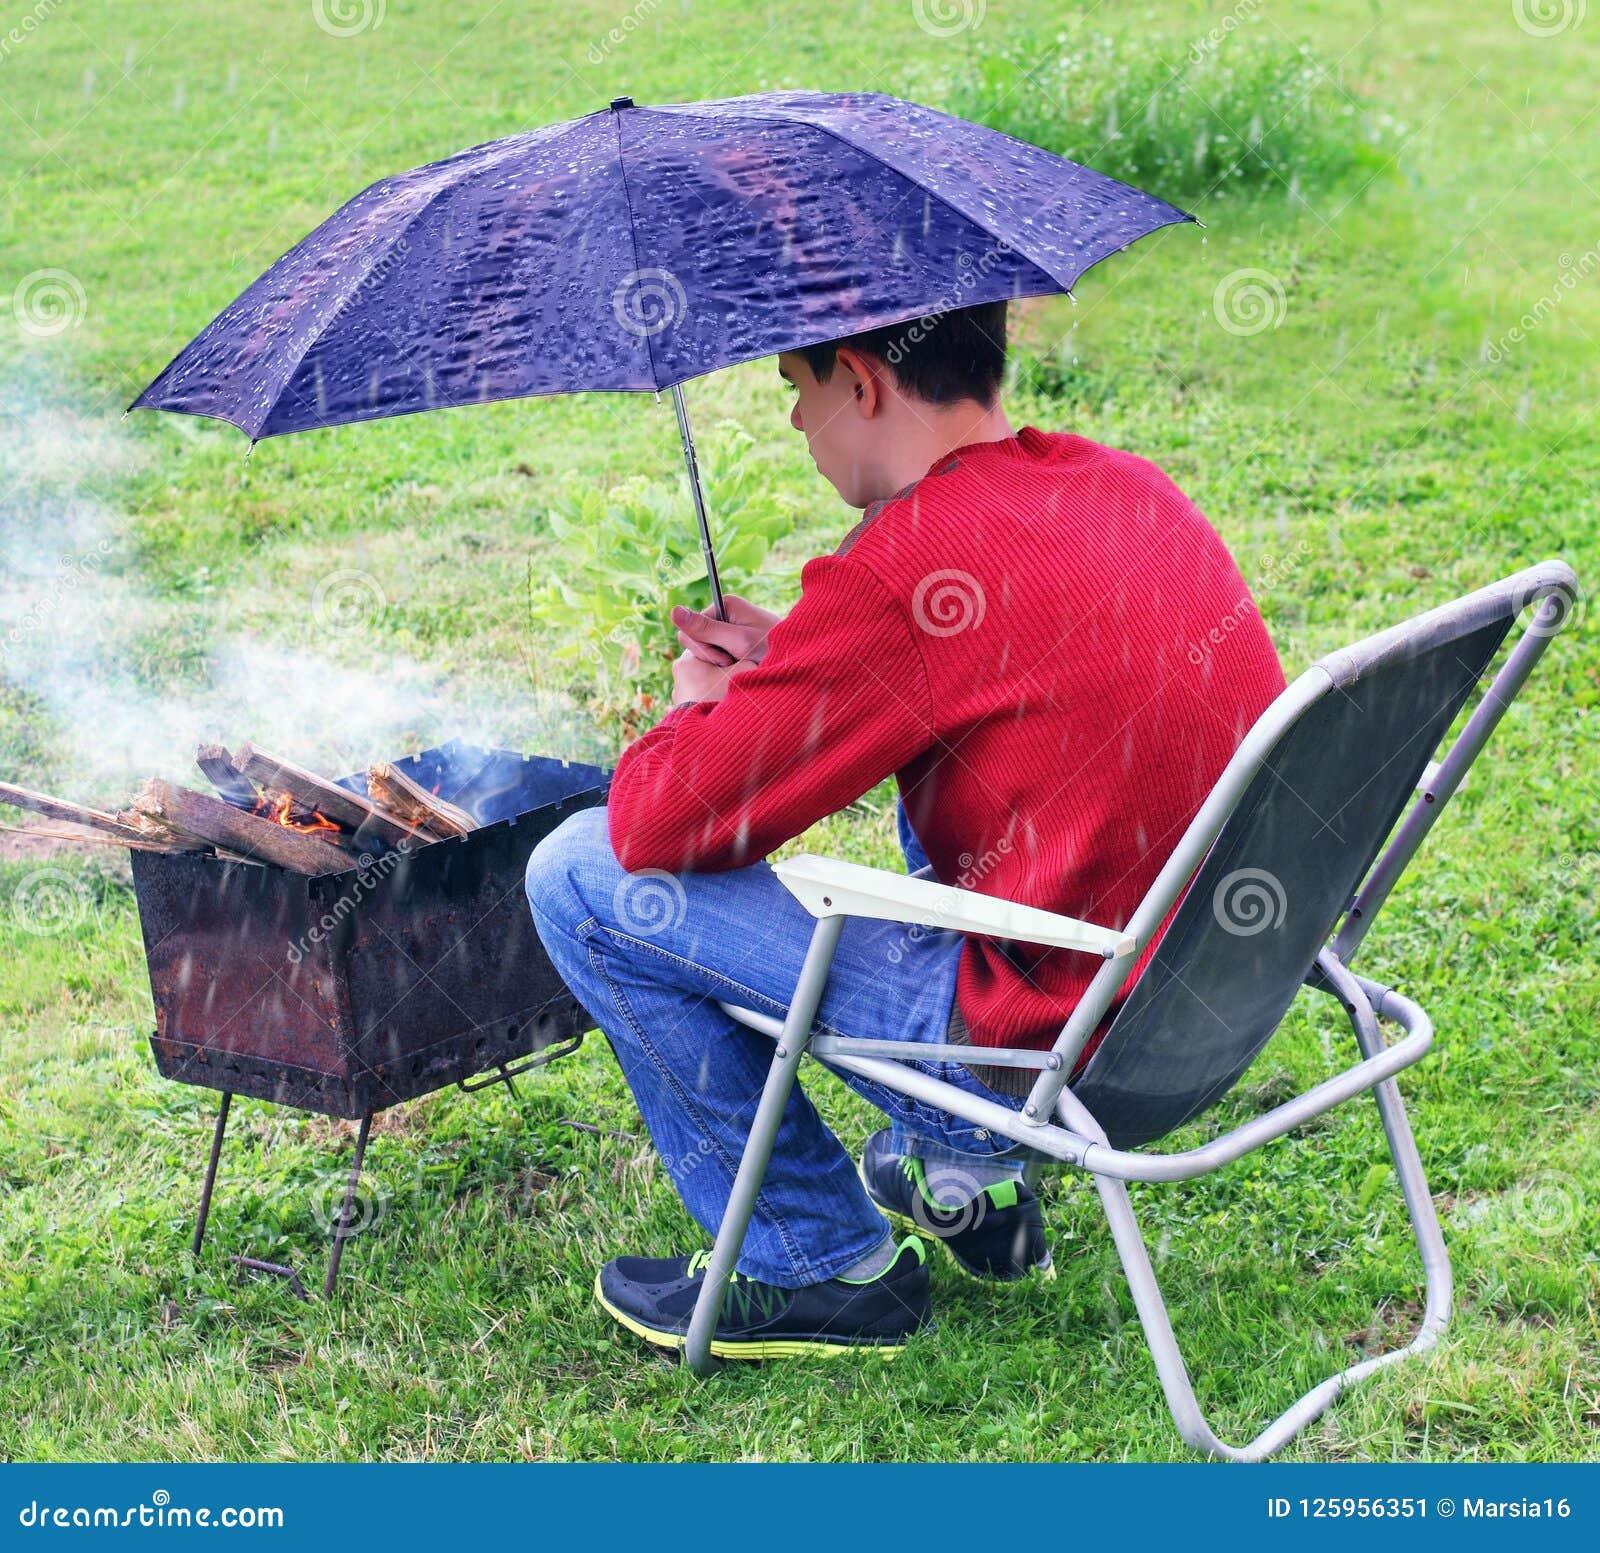 Regnerische Situation Schutzmessingarbeiter vom Regen